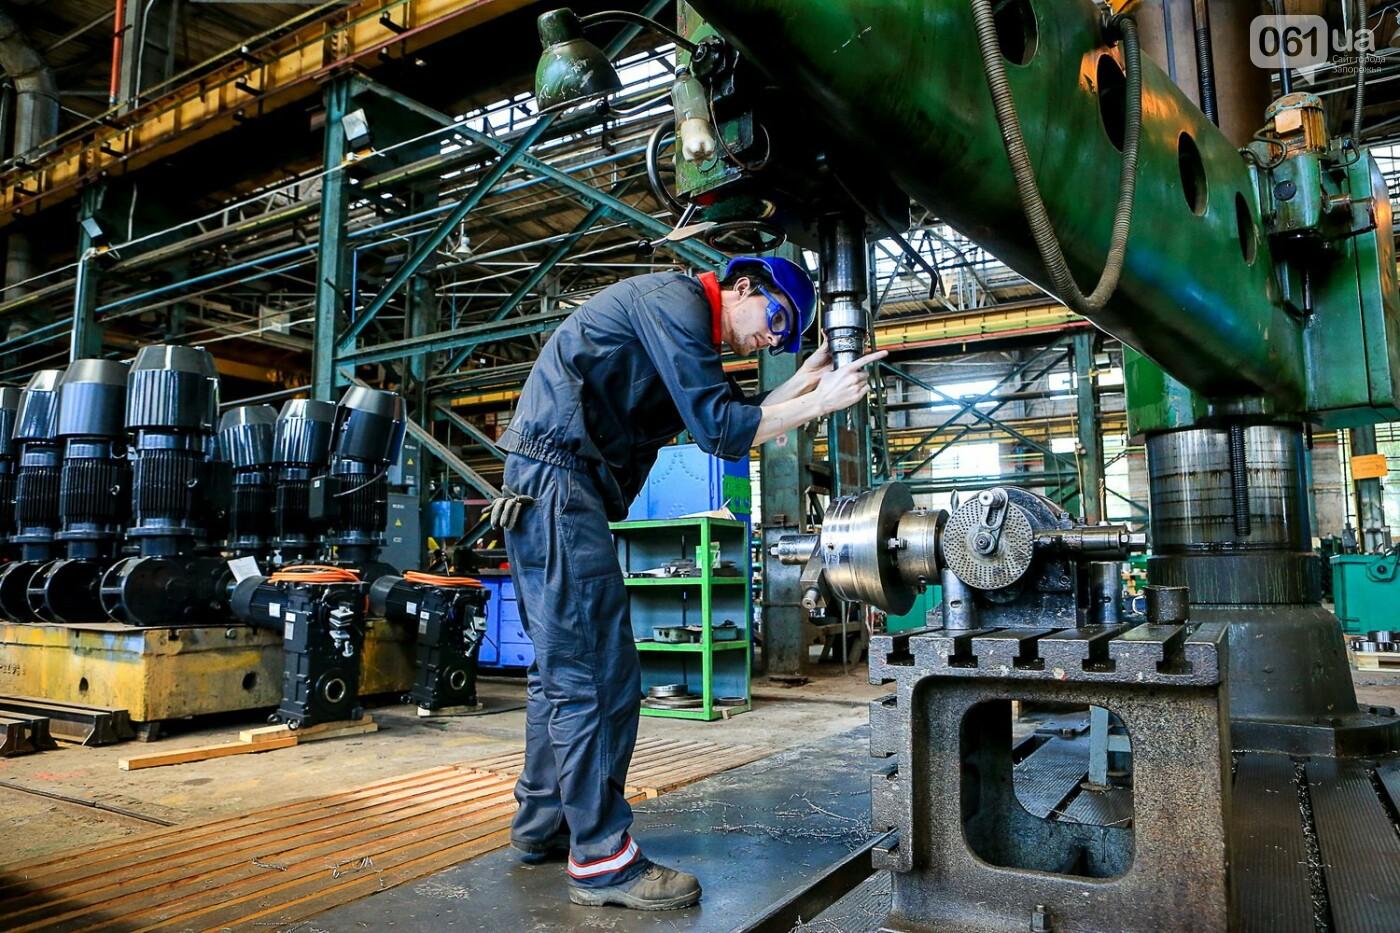 Как в Запорожье работает крупнейший в Европе завод по производству кранов: экскурсия на производство, — ФОТОРЕПОРТАЖ, фото-41